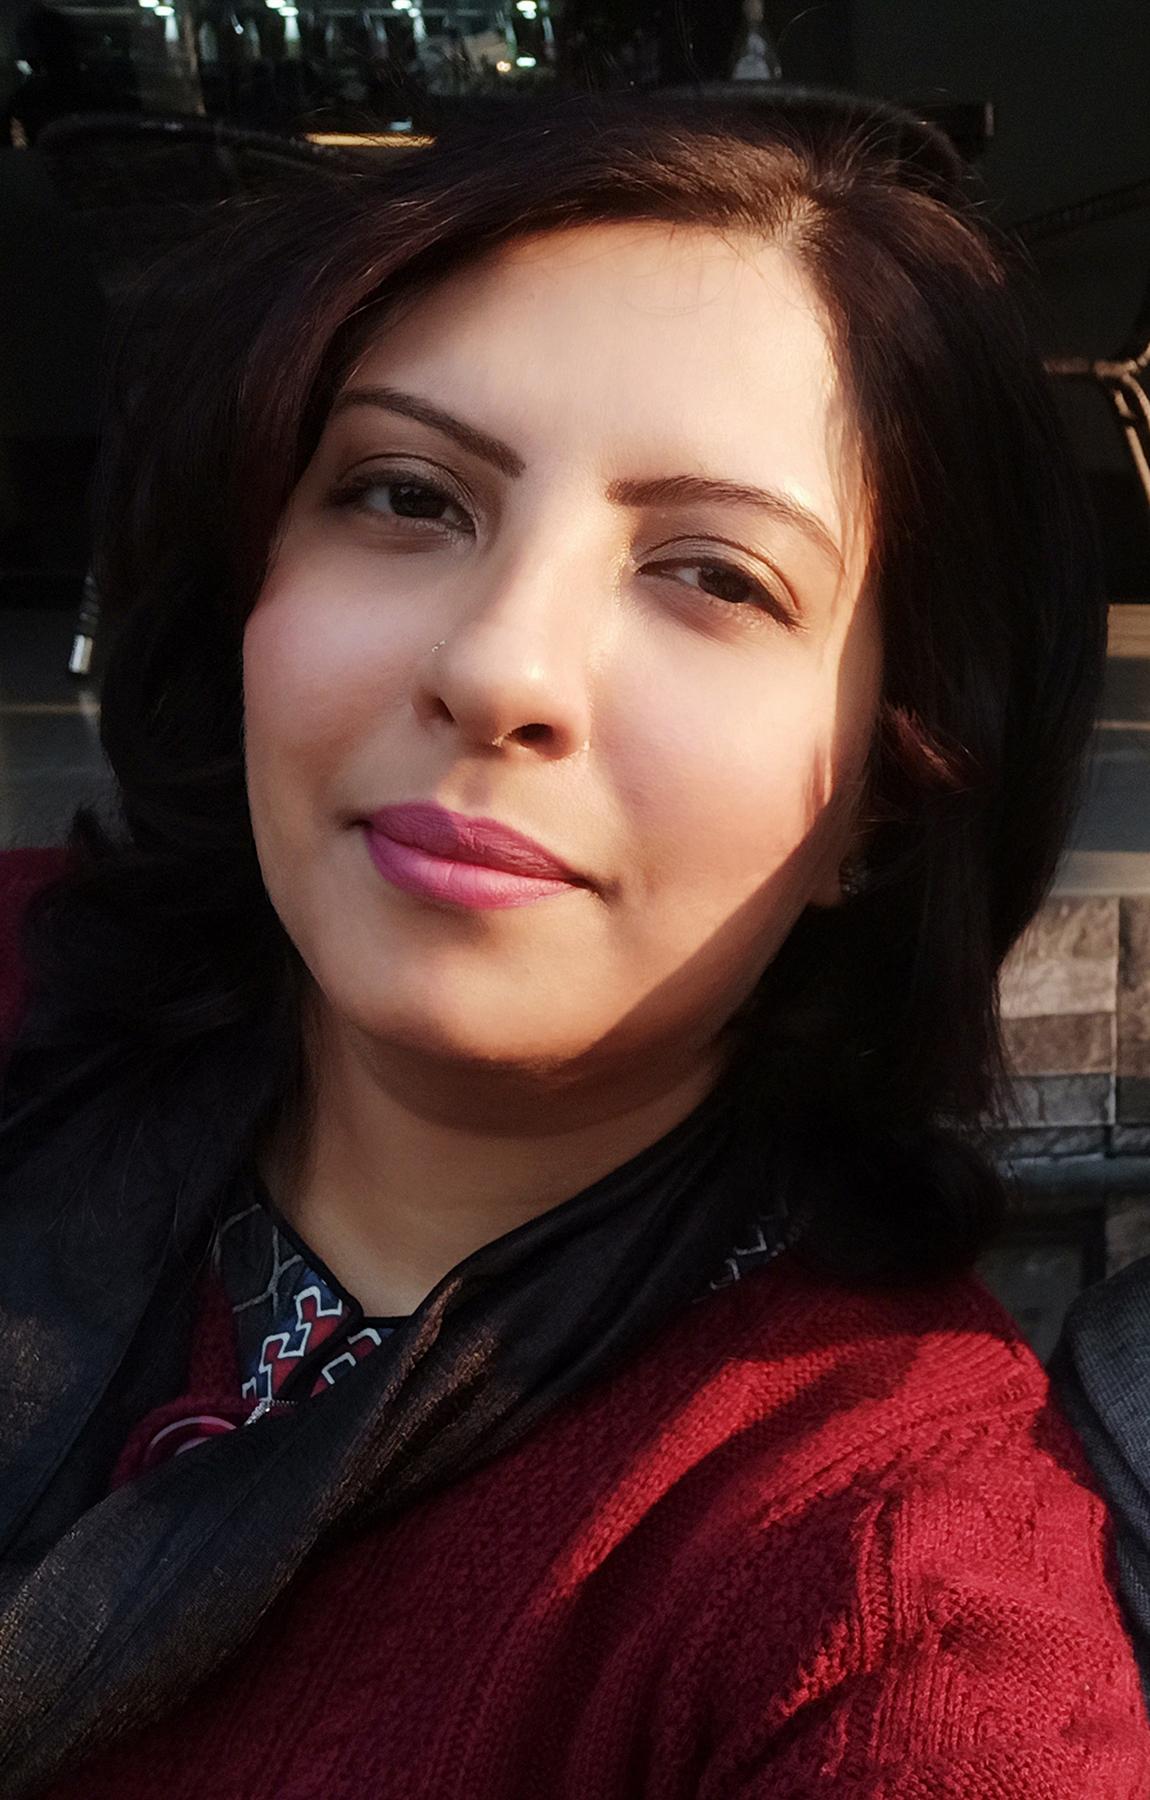 Ms. Sara Omair